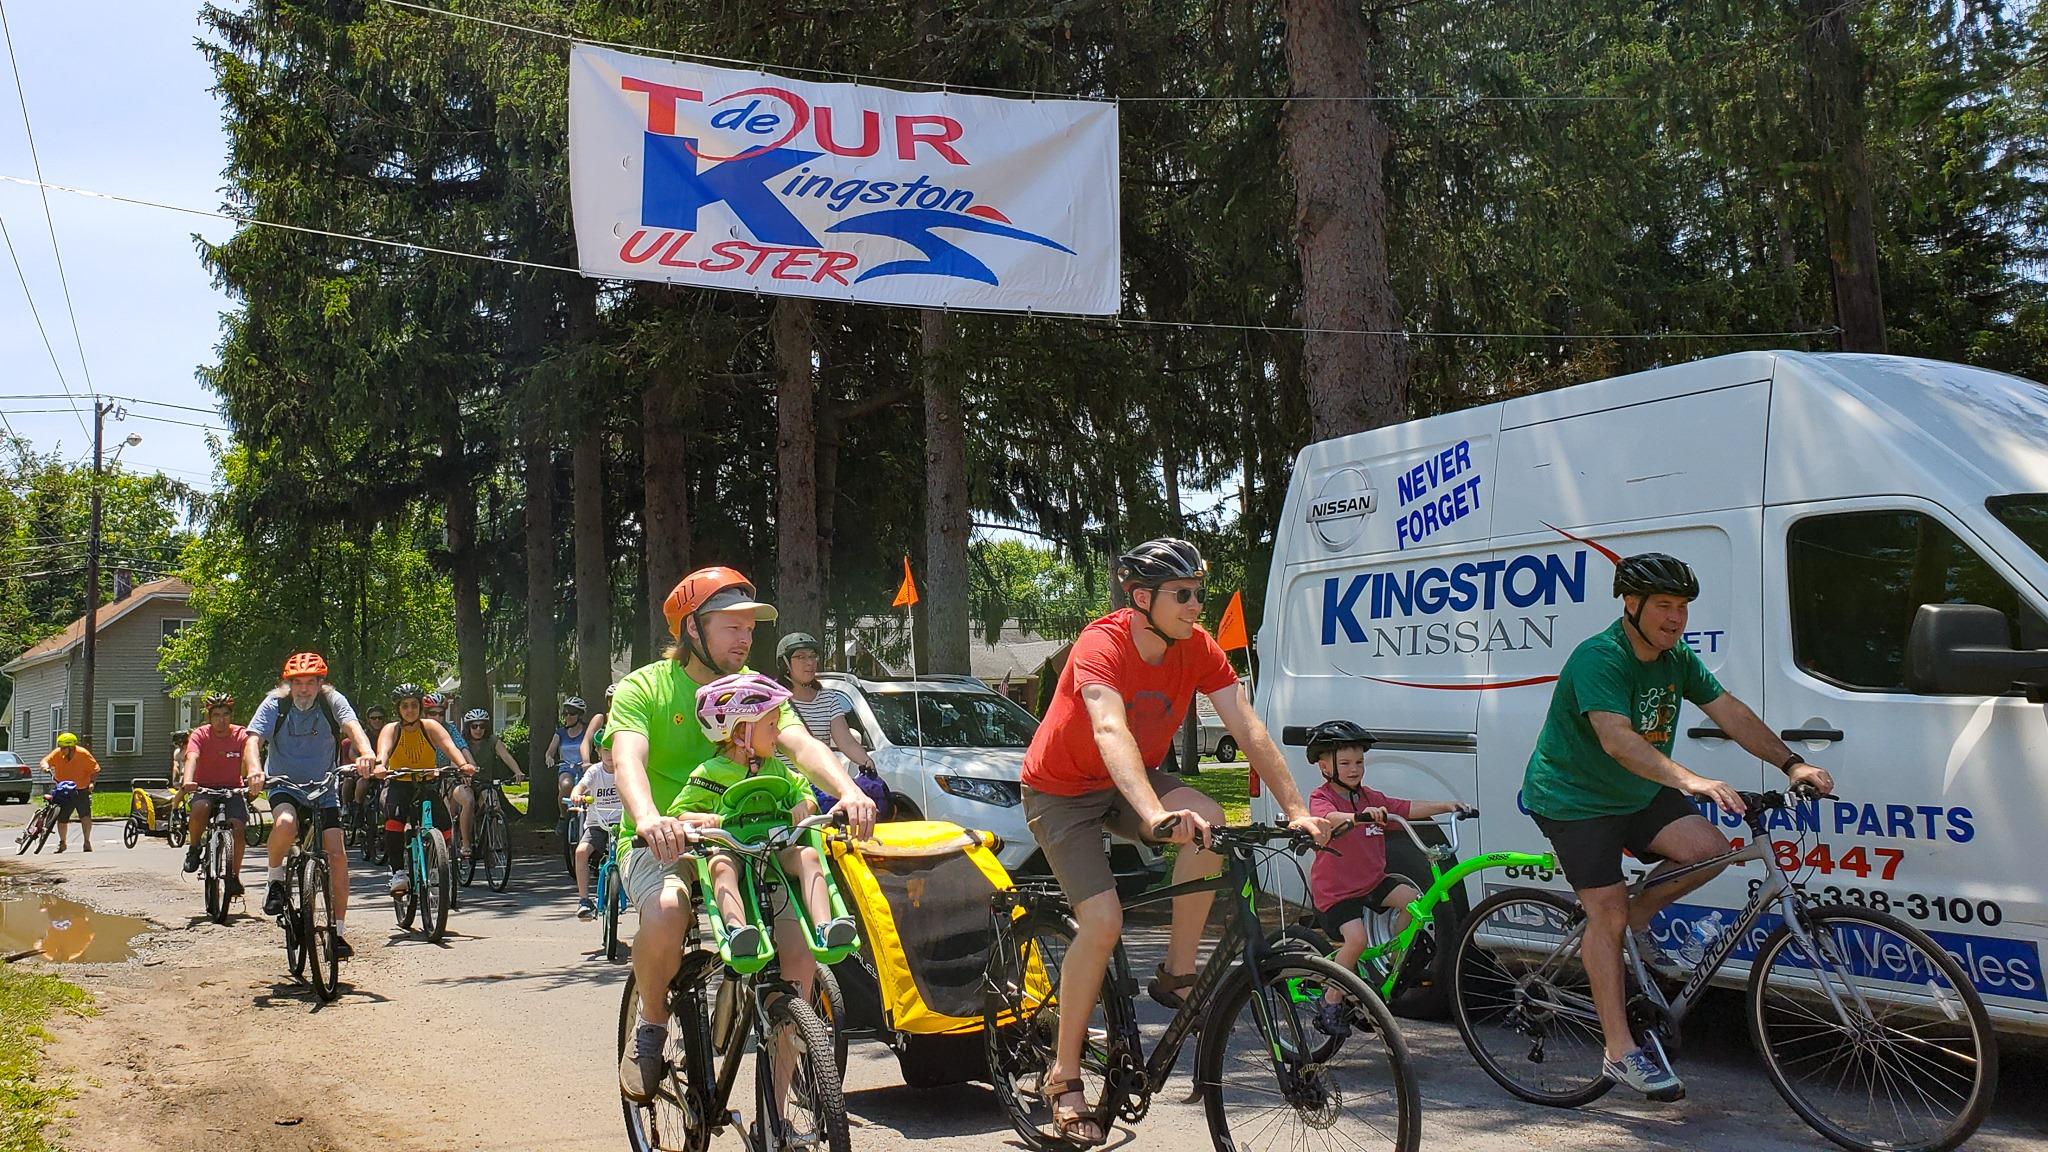 Tour de Kingston returning to Forsyth Park in Kingston, NY